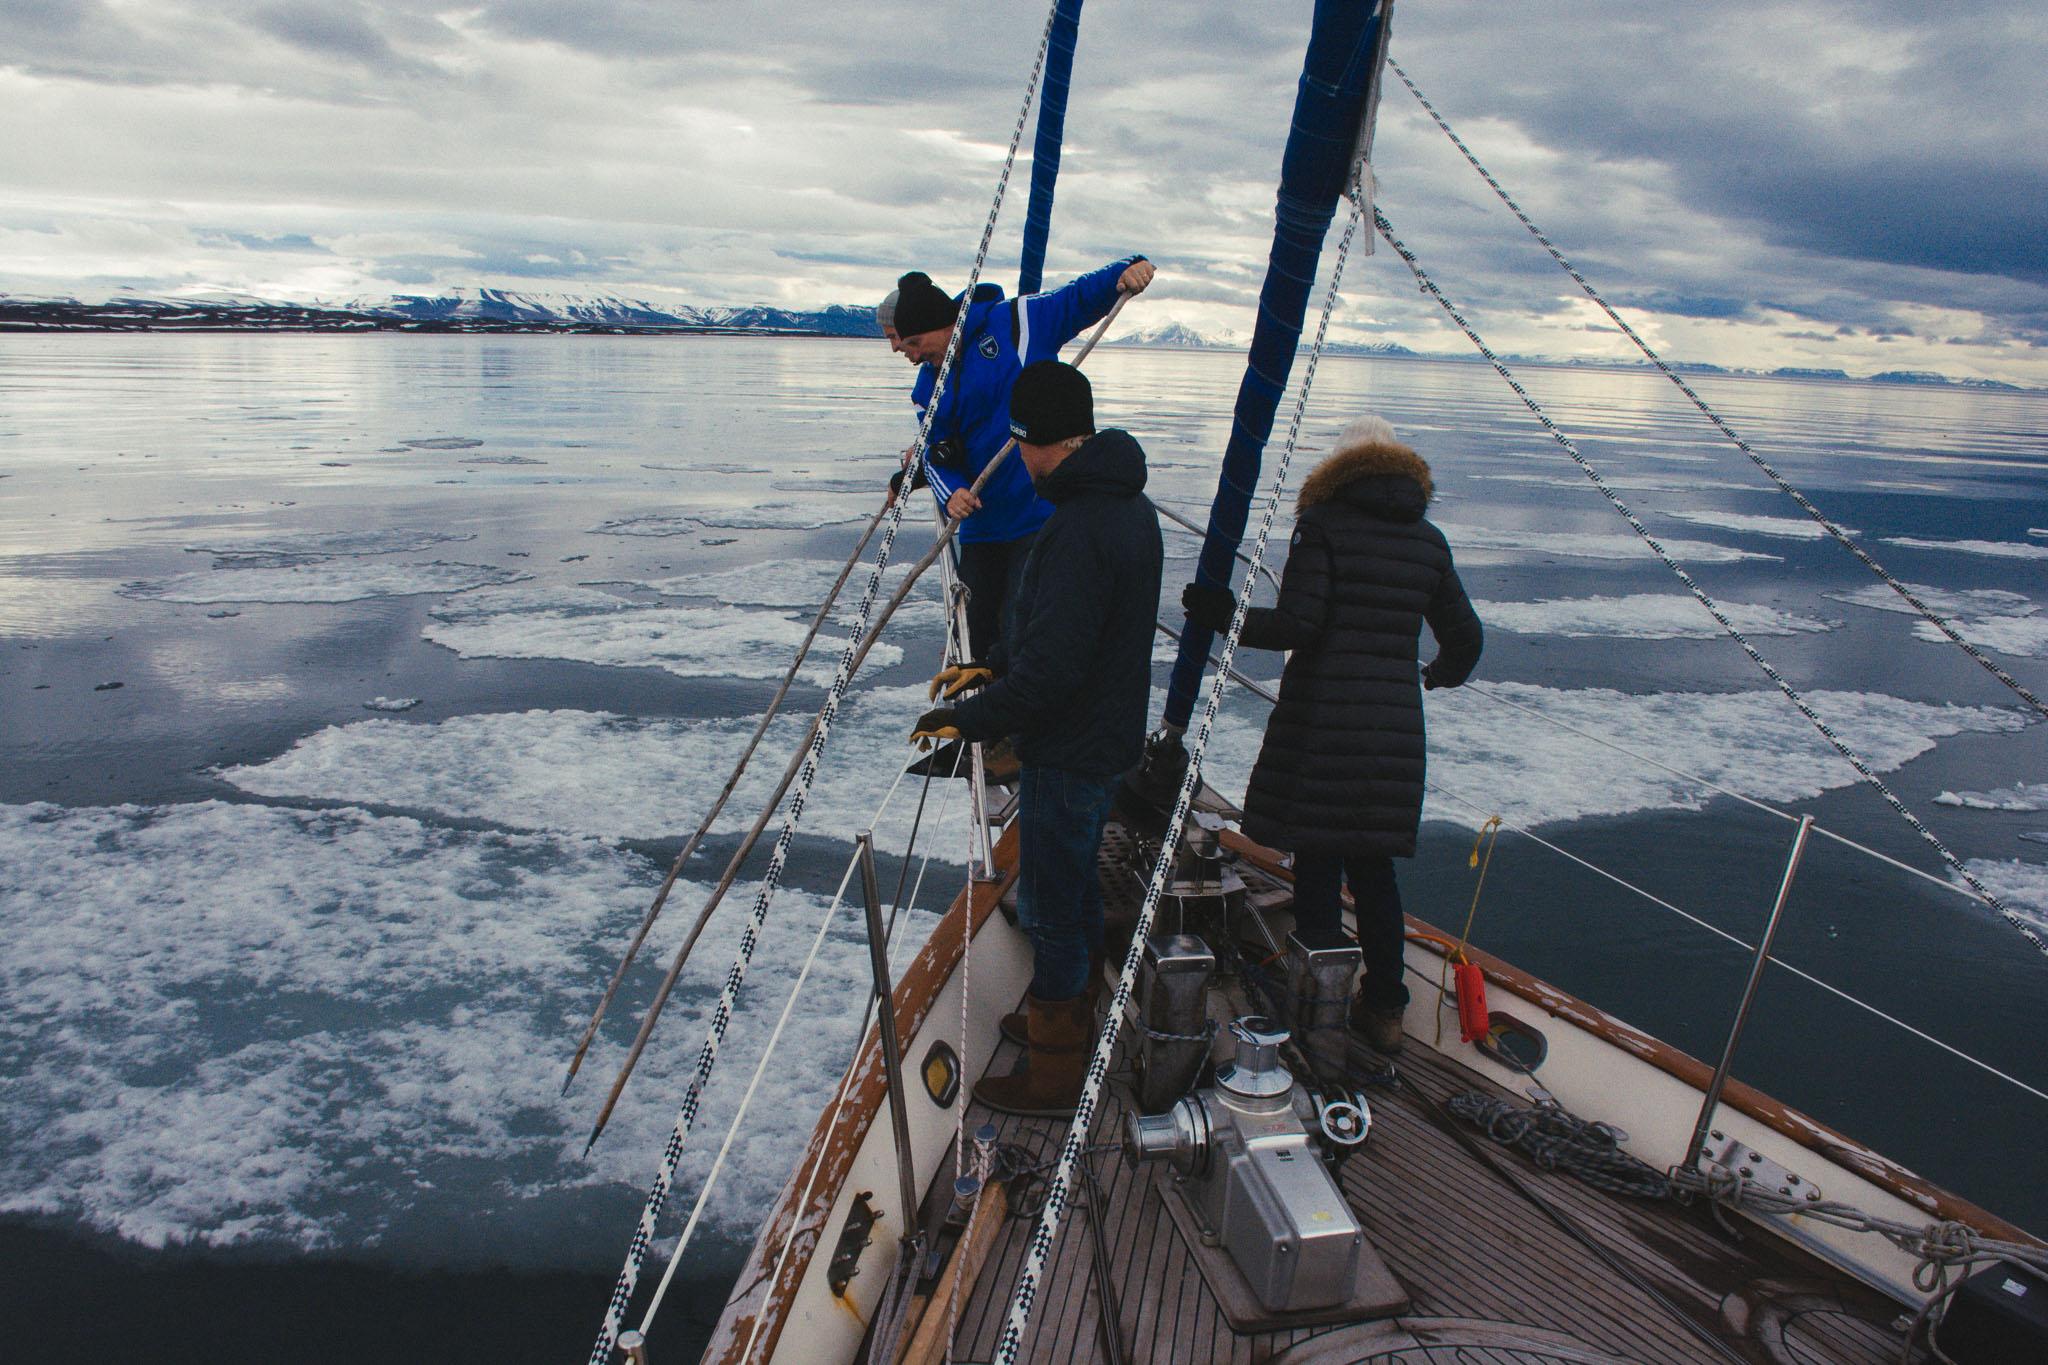 Svalbard_2018_Pukka_Perri_Rothenberg-74.jpg